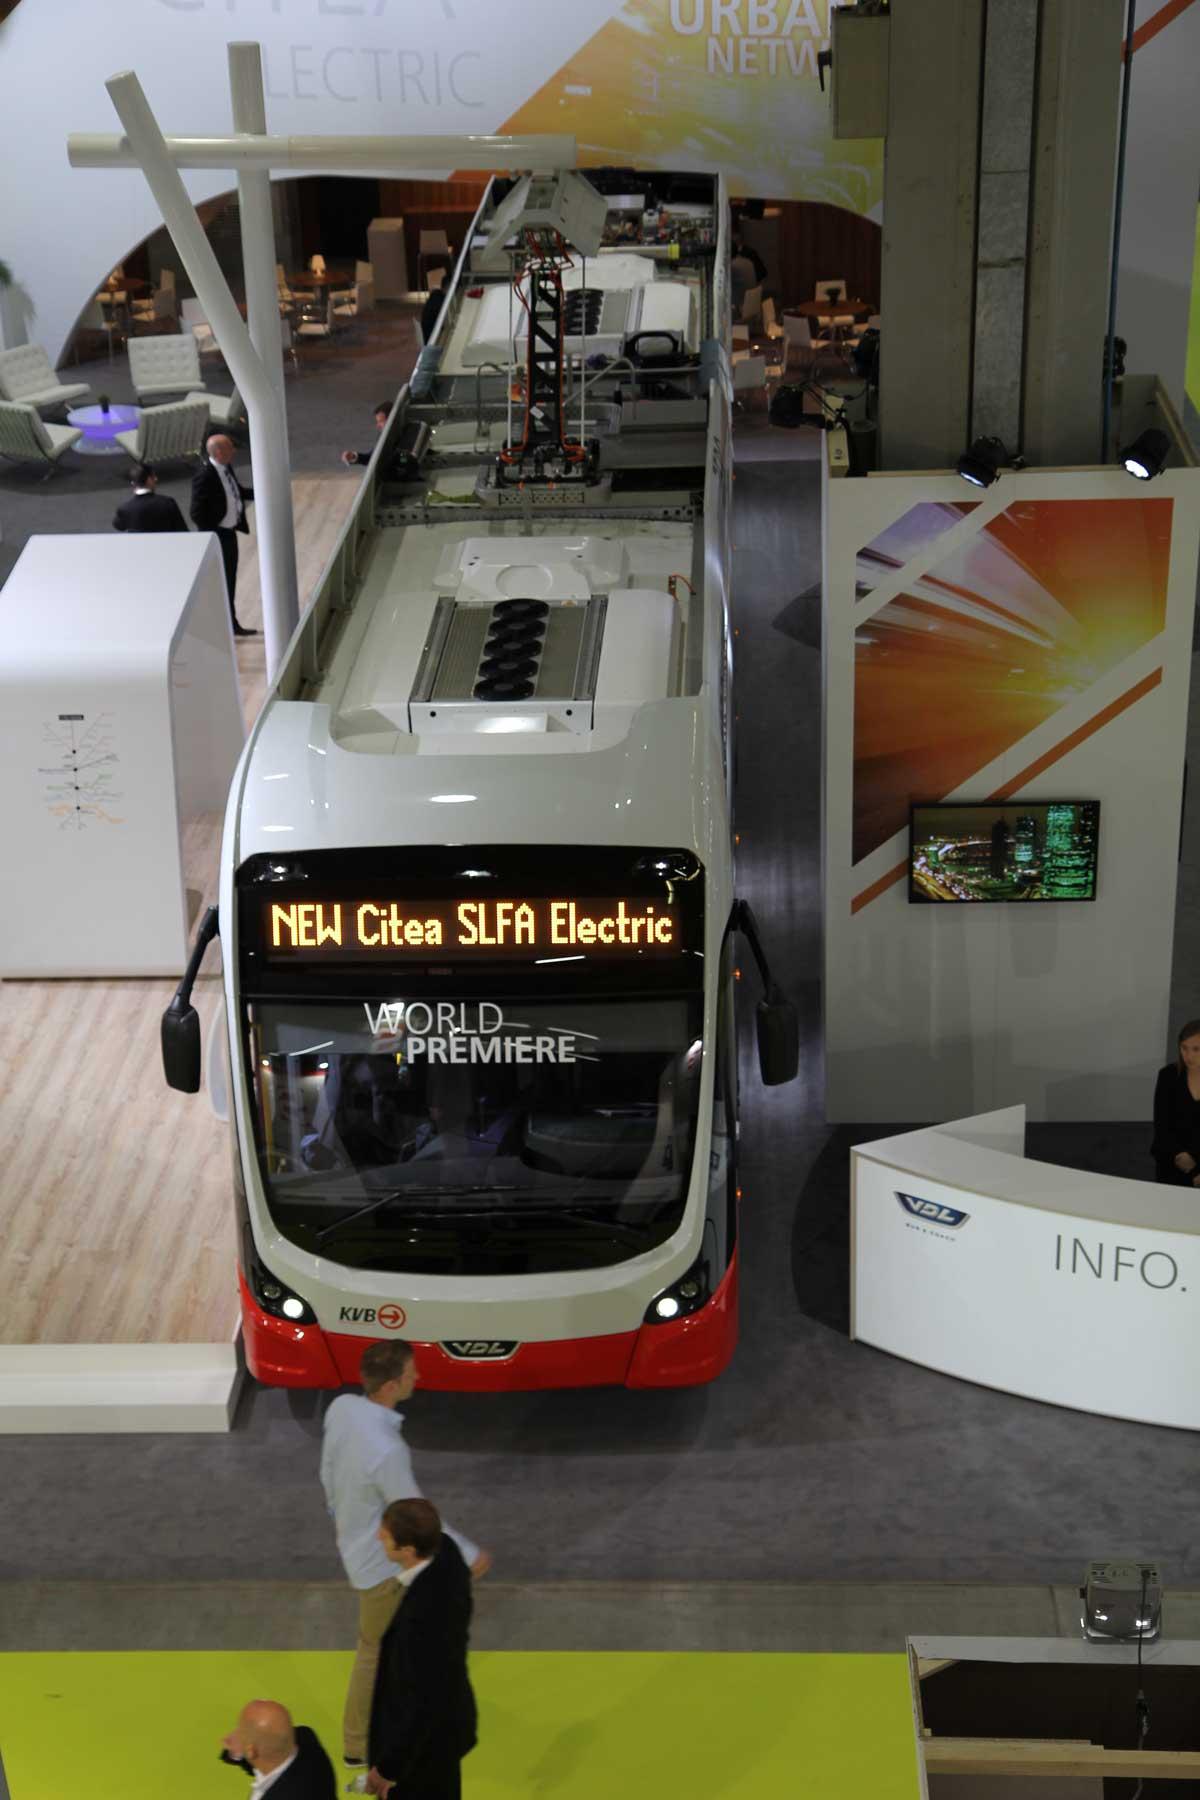 Auf dem UITP-Weltkongress in Mailand, Juni 2015, wurde der E-Bus der KVB erstmals vorgestellt.